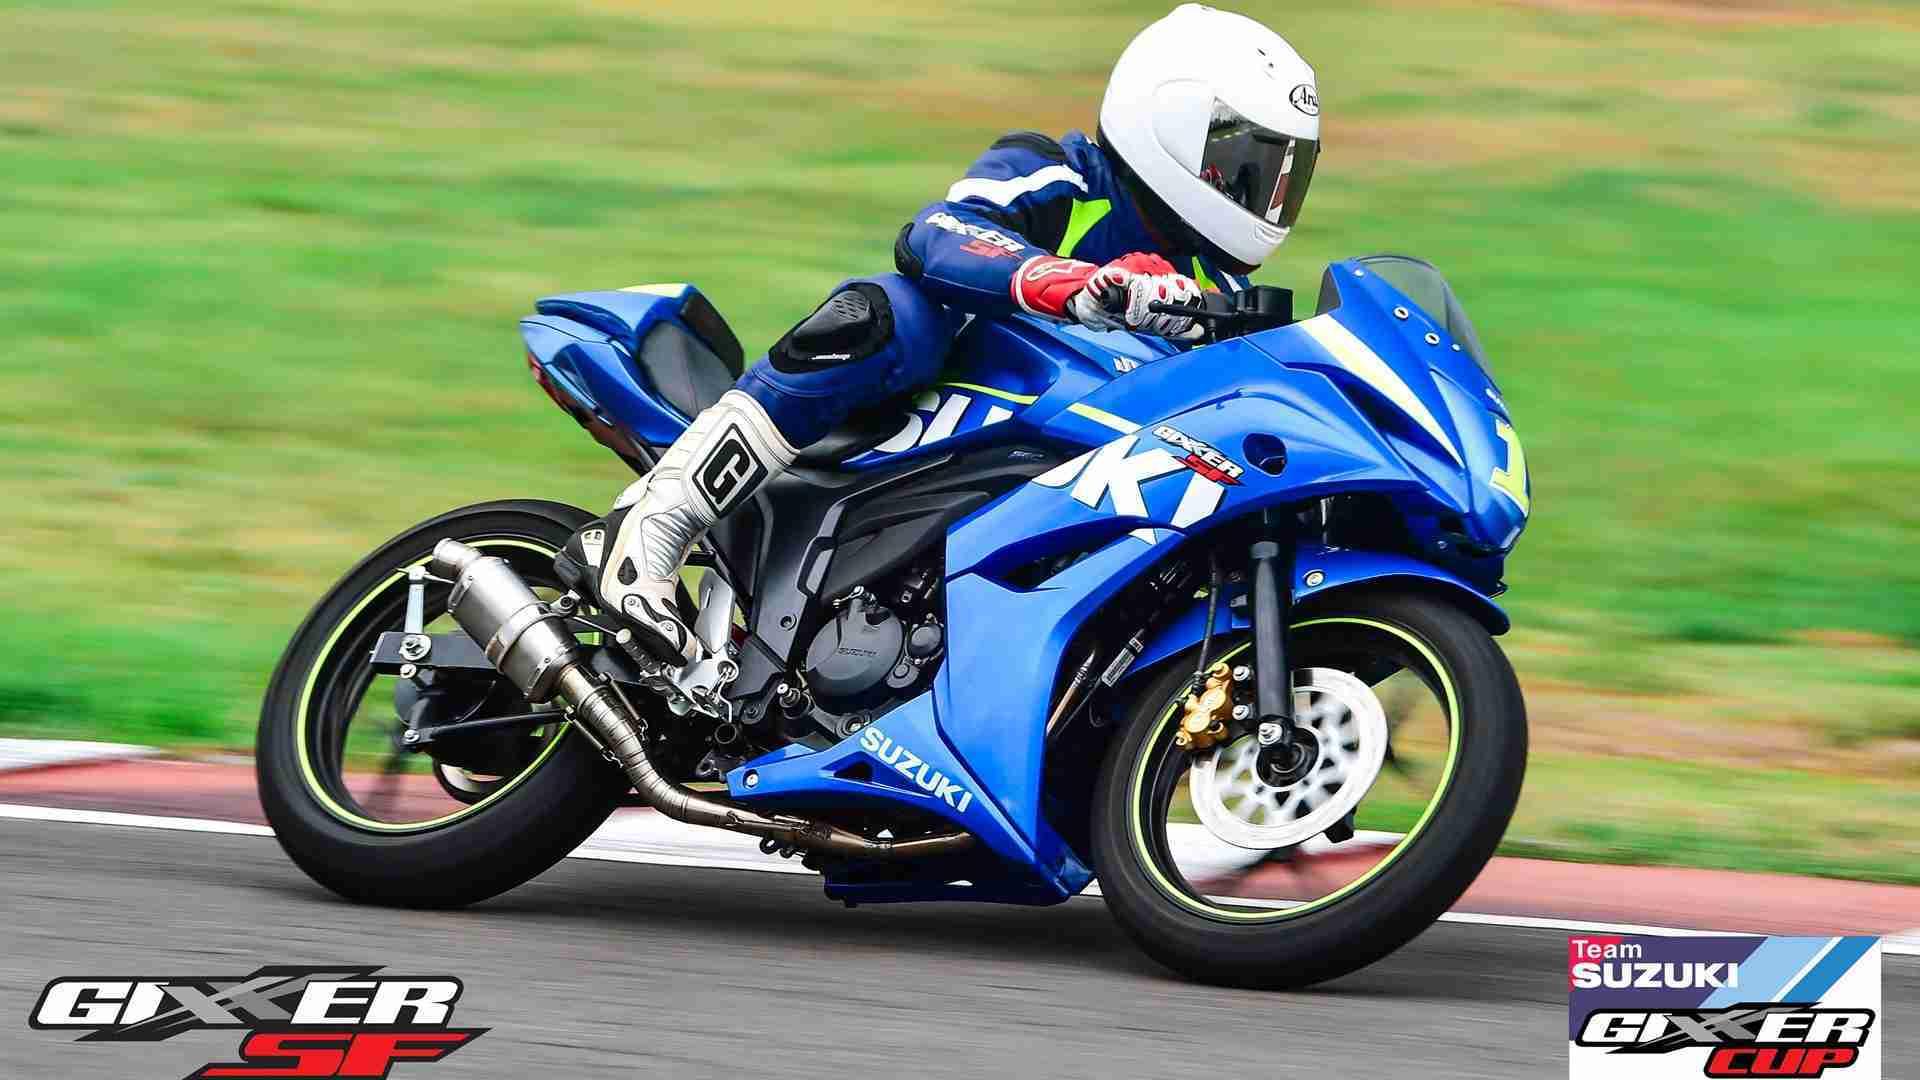 Suzuki launches 'Gixxer Cup' Championship